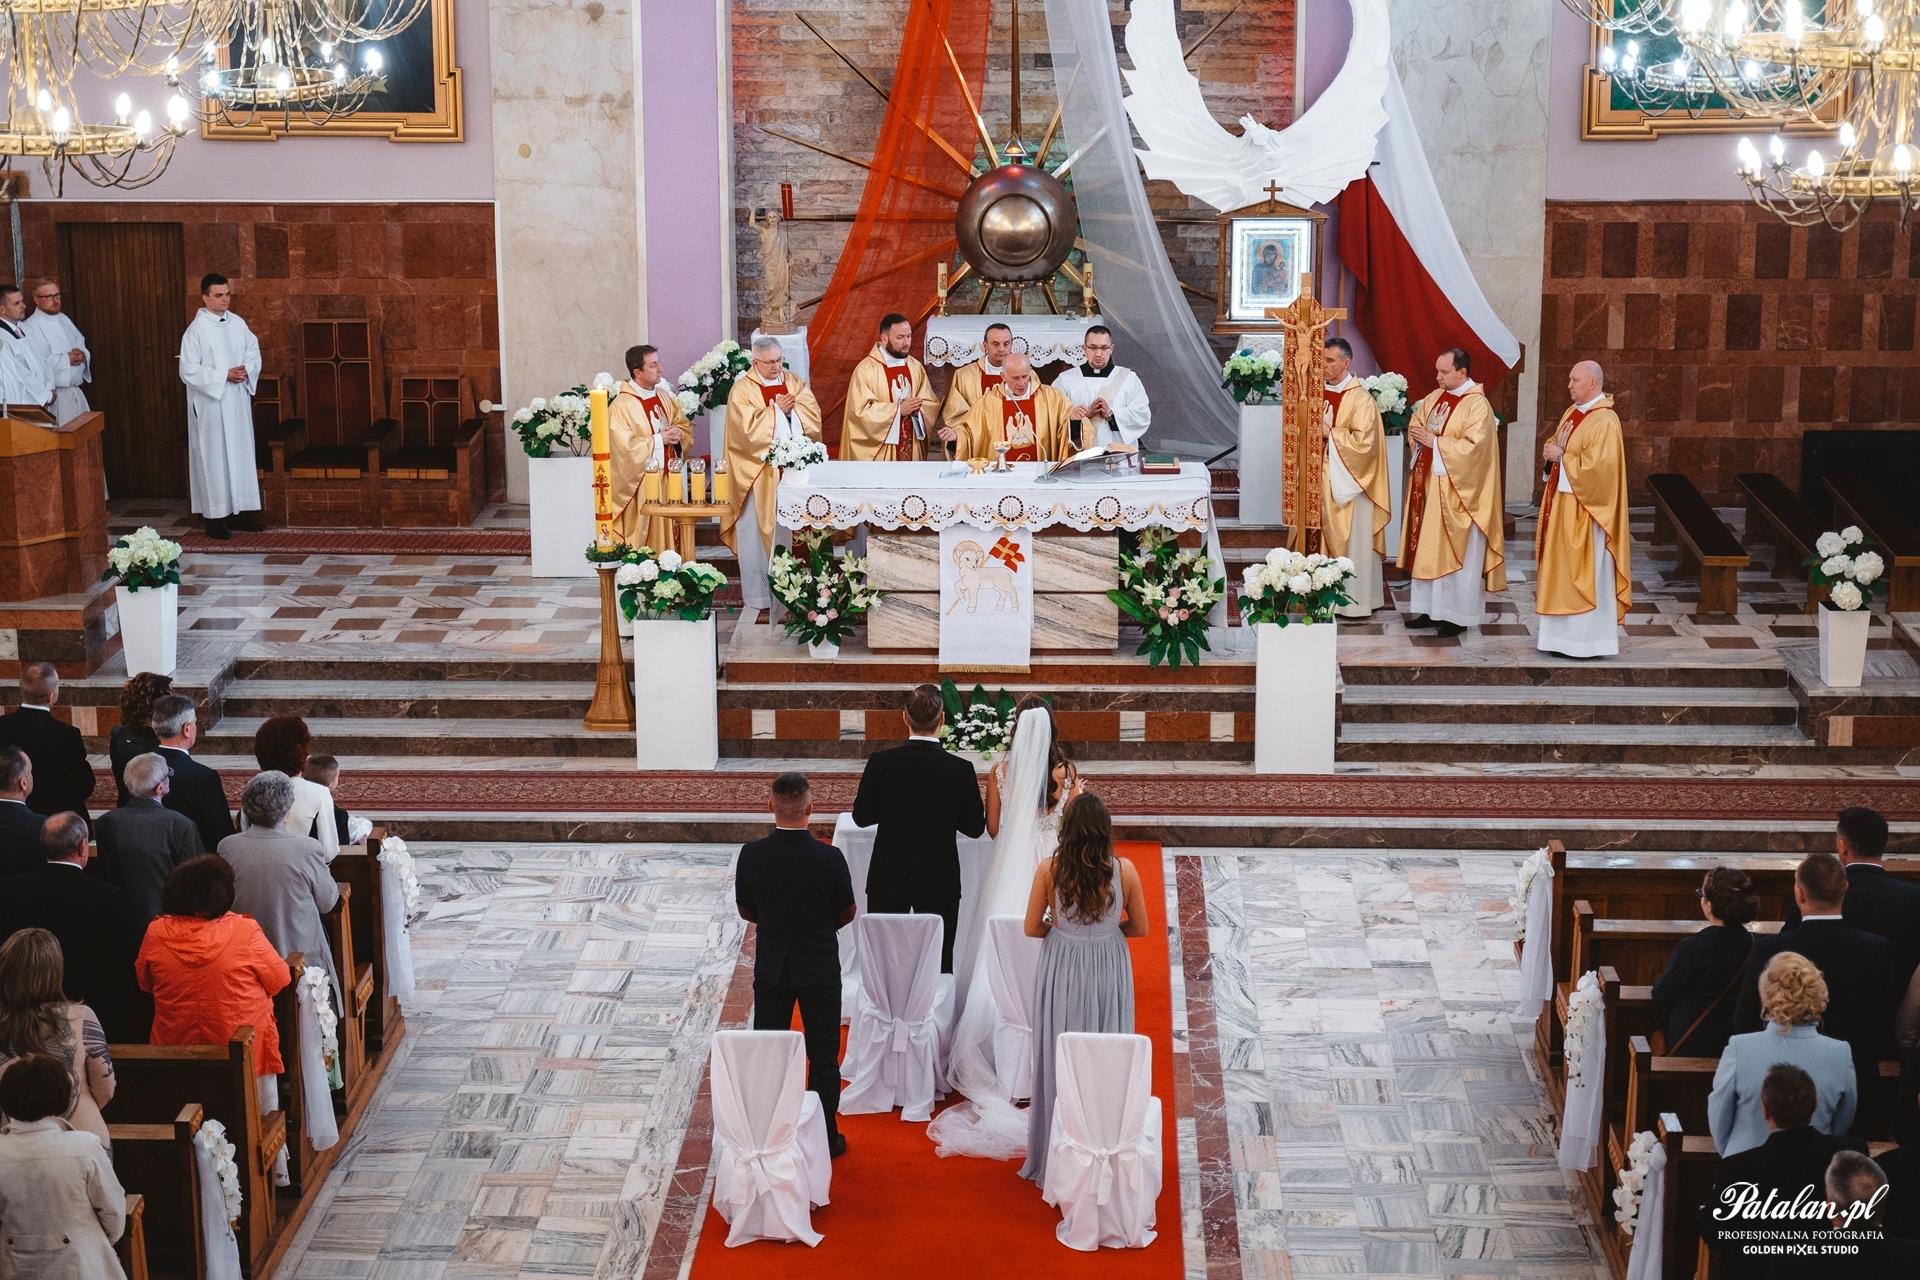 Kościół św. Boboli w Łomży, śbłogosławieństwo rodziców, ceremonia ślubna, pan młody, pani młoda, garnitur, smoking na ślub wesele, biżuteria ślubna, buty ślubne, bukiet ślubny, suknia ślubna,